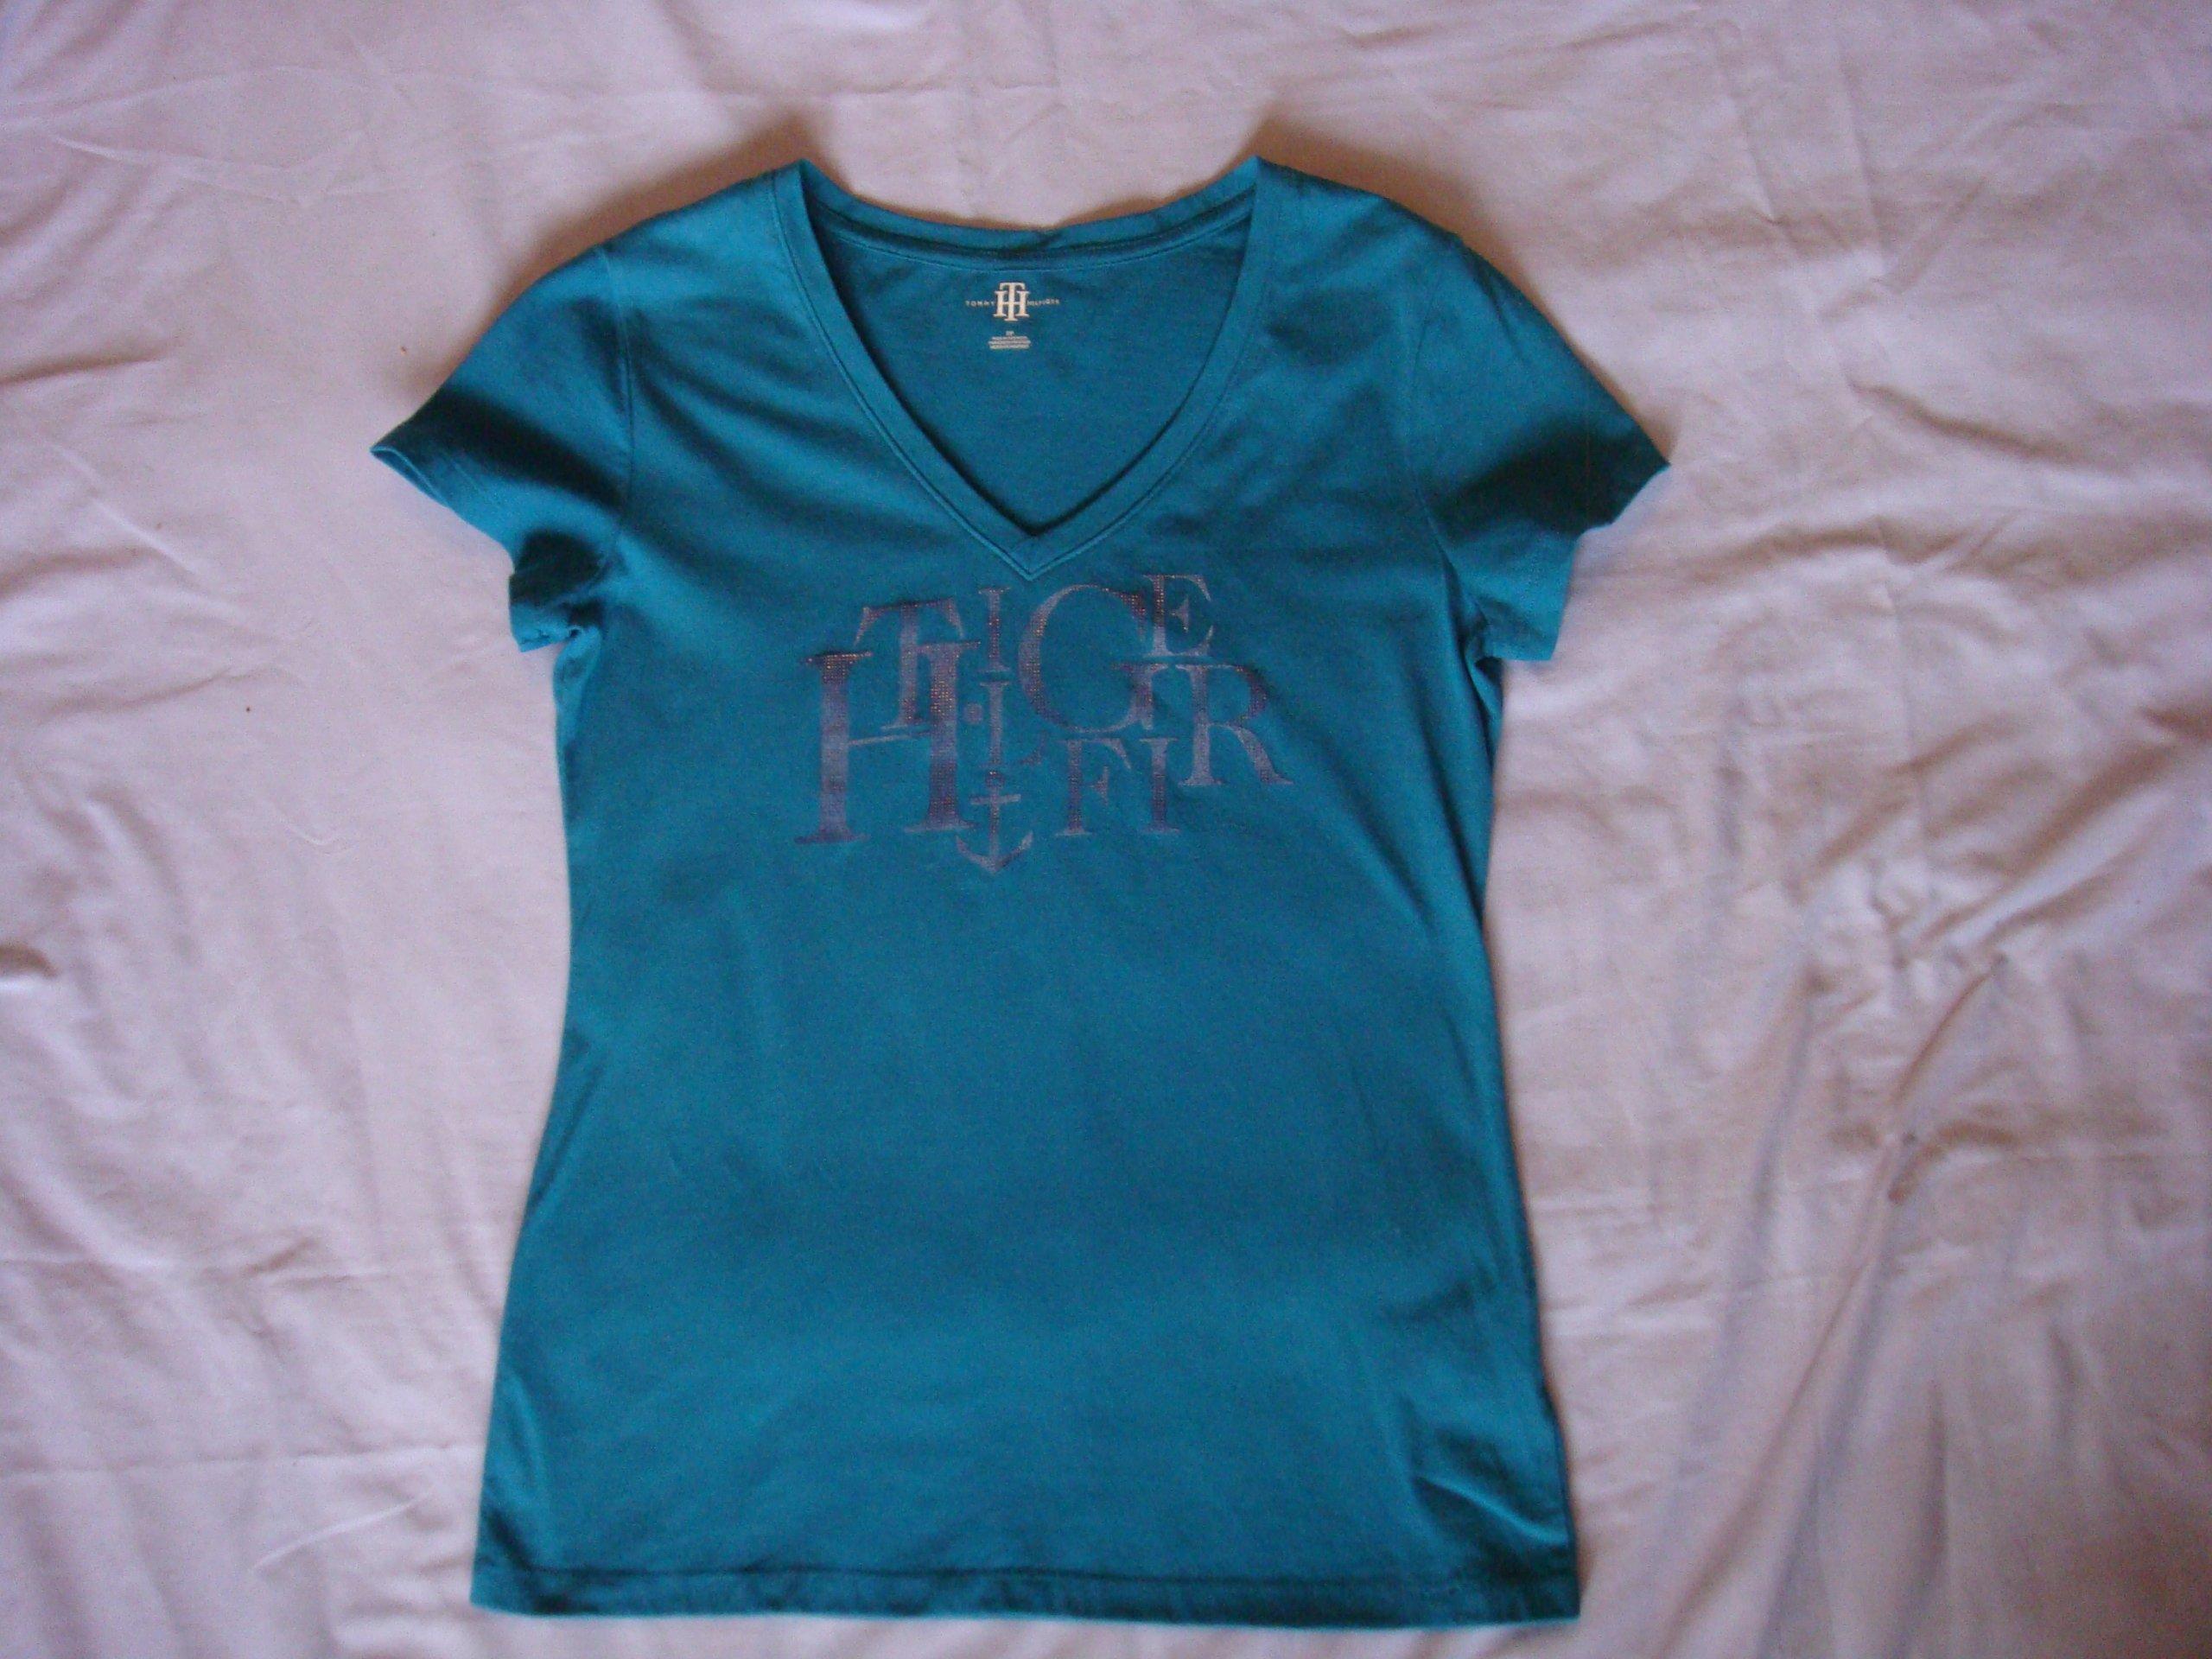 42ae6b7f7 Tommy Hilfiger turkusowy oryginalny t-shirt S - 7231964820 - oficjalne ...